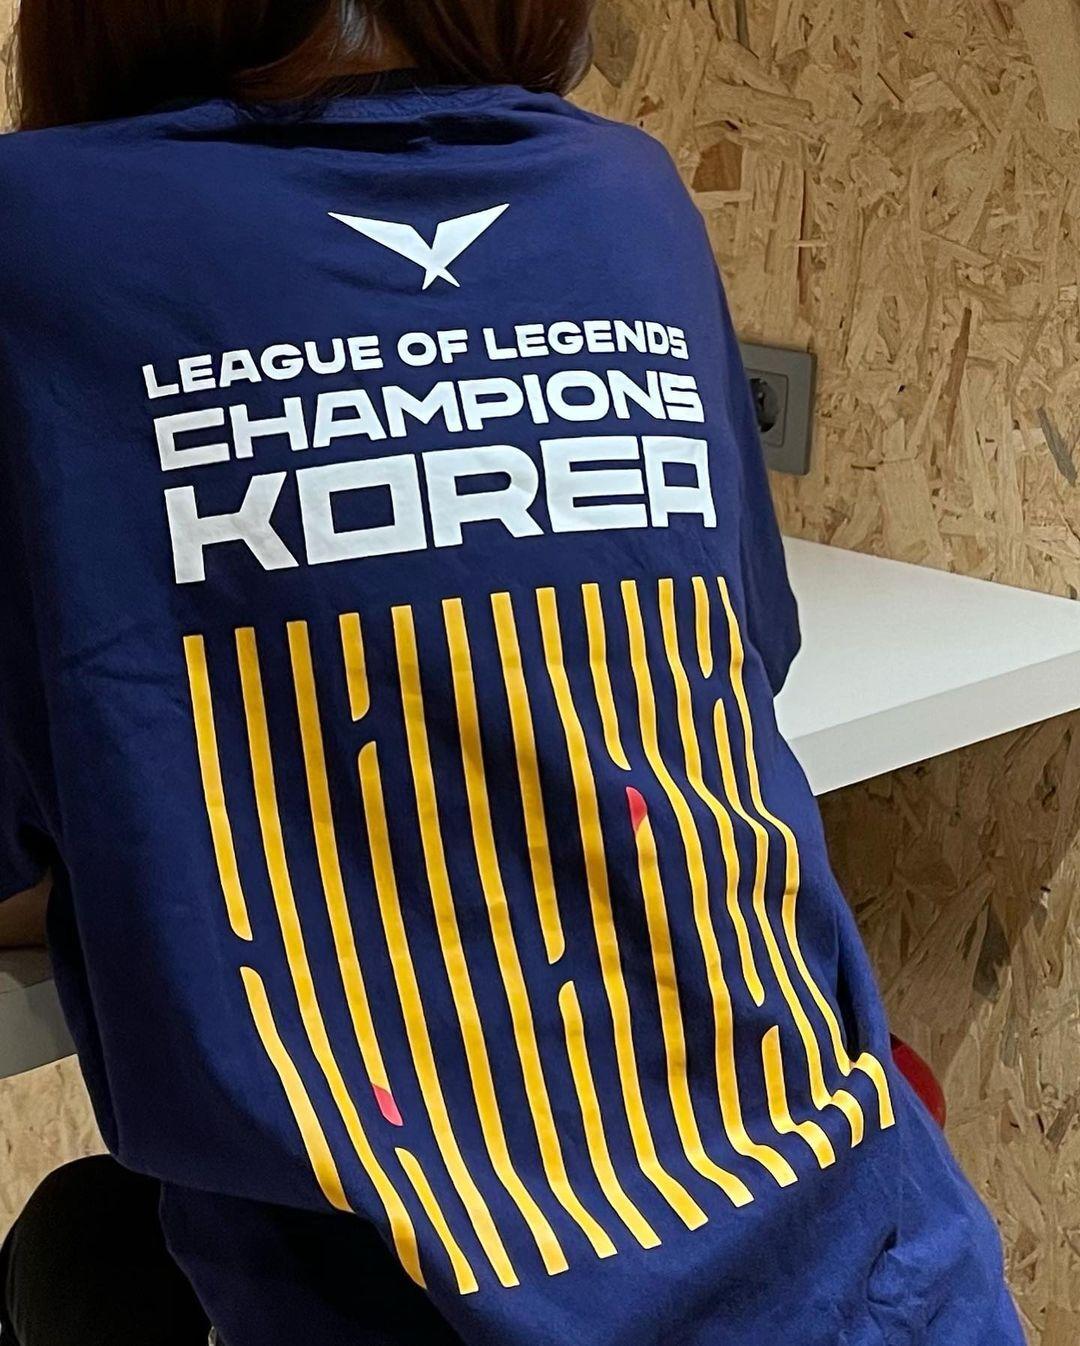 LCK X 맥도날드 콜라보 굿즈 착용한 윤수빈 아나운서 - 꾸르